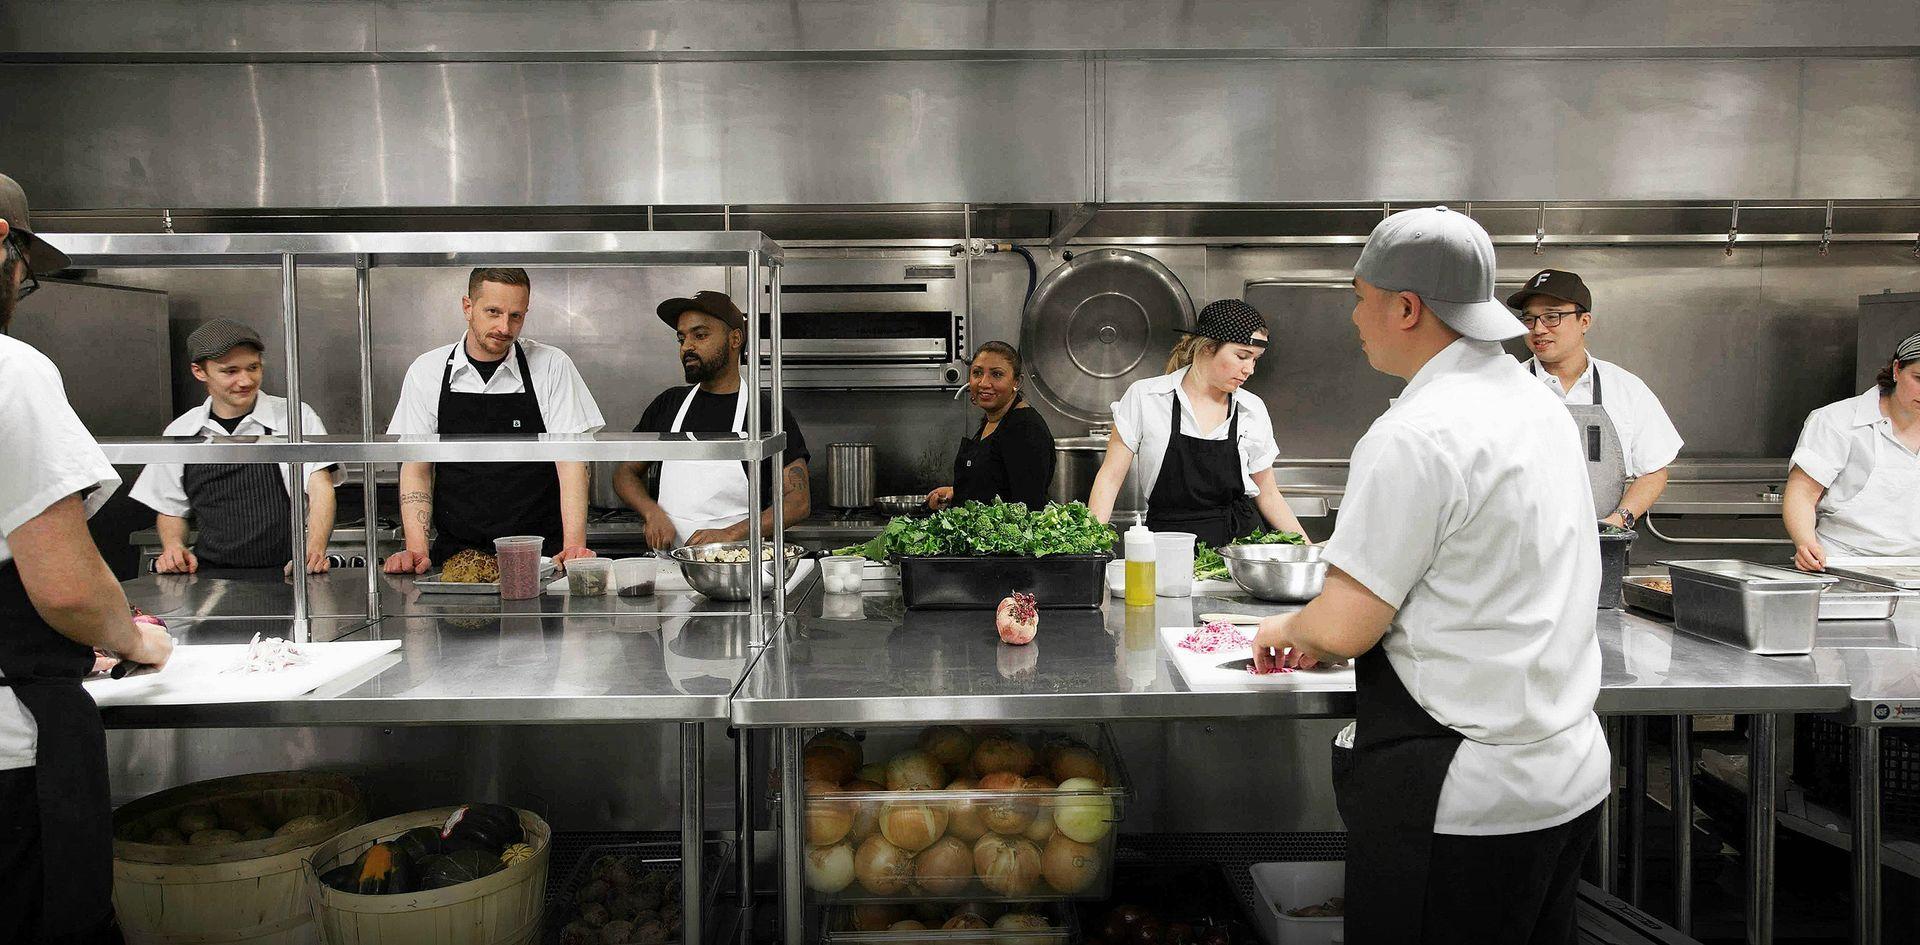 feast-chefs-kitchen-team-cooking